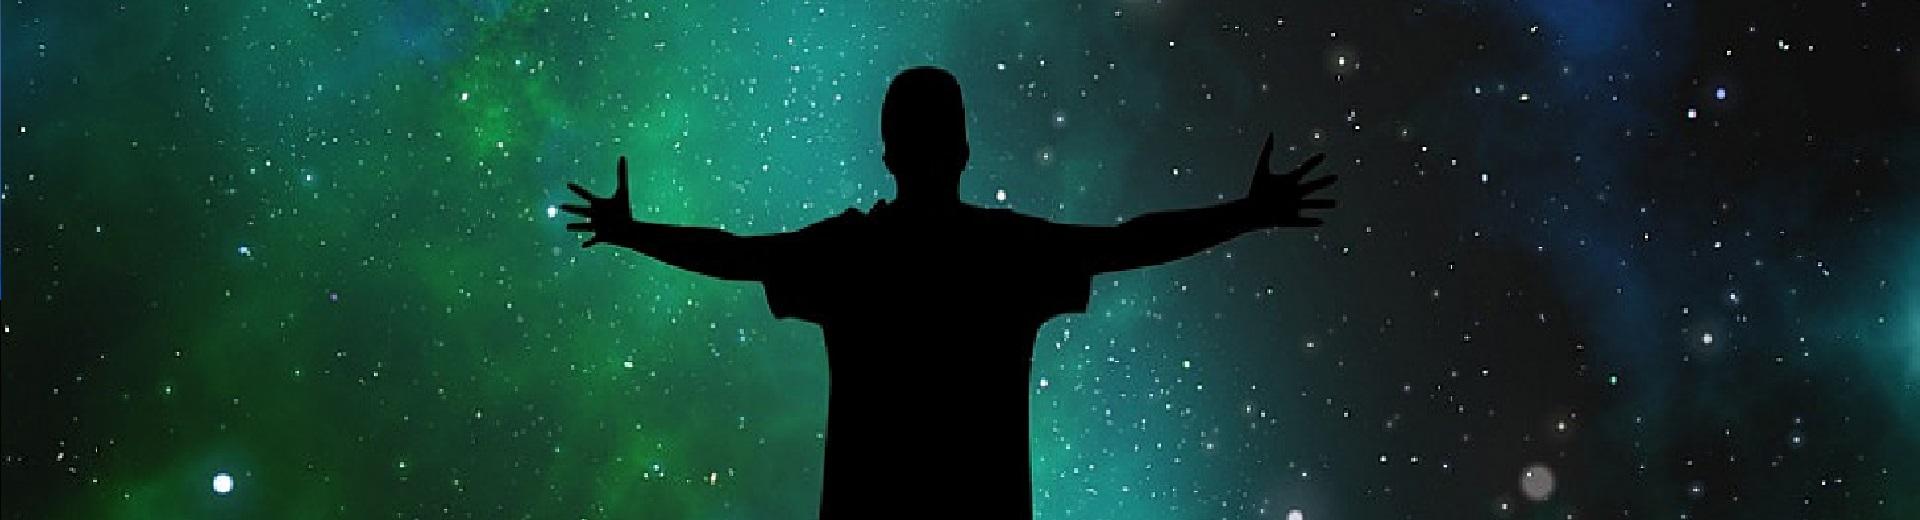 Портал КФУ \ Образование \ Институт физики \ Институт физики \ Кафедры \ Астрономическая обсерватория им.Энгельгардта (АОЭ)